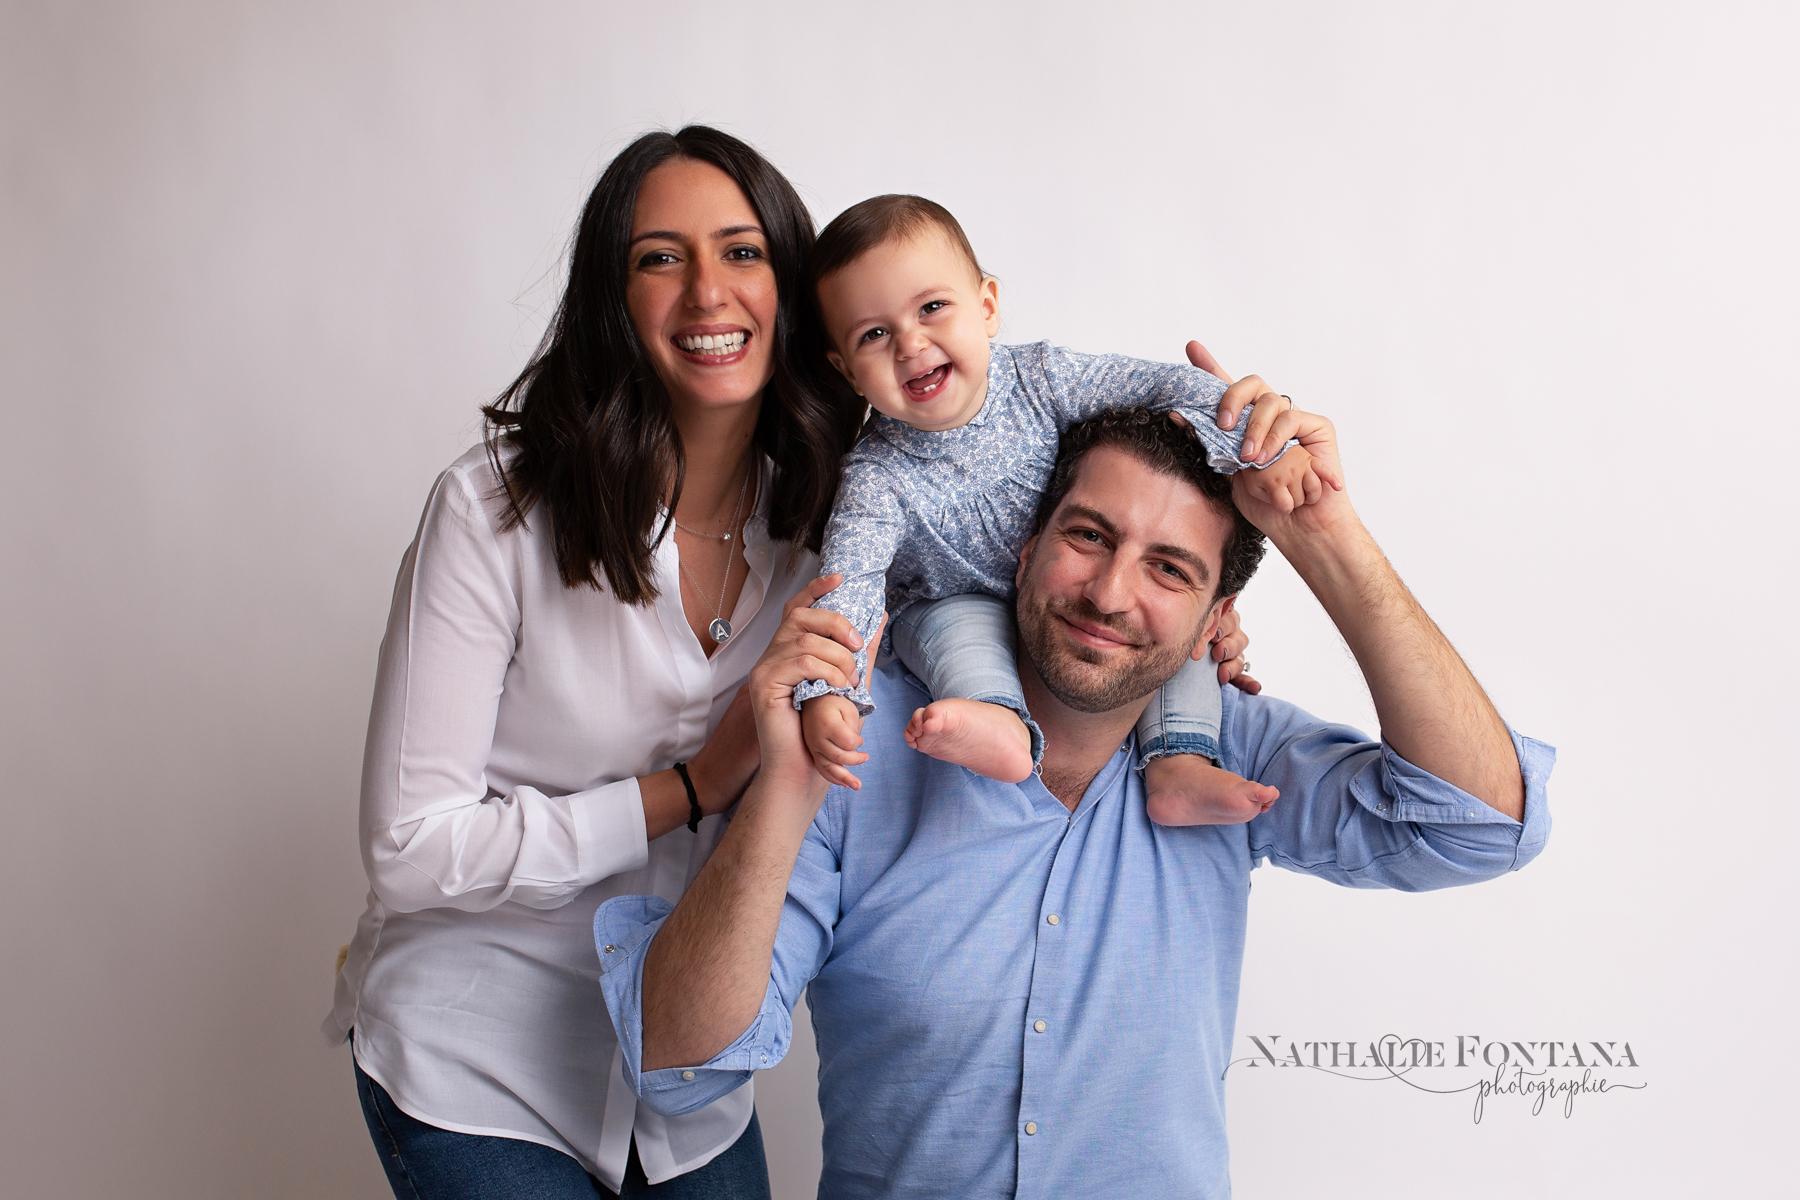 Aylin, séance bébé en studio et avec les parents - Nathalie Fontana, photographe Bébé Genève et alentours